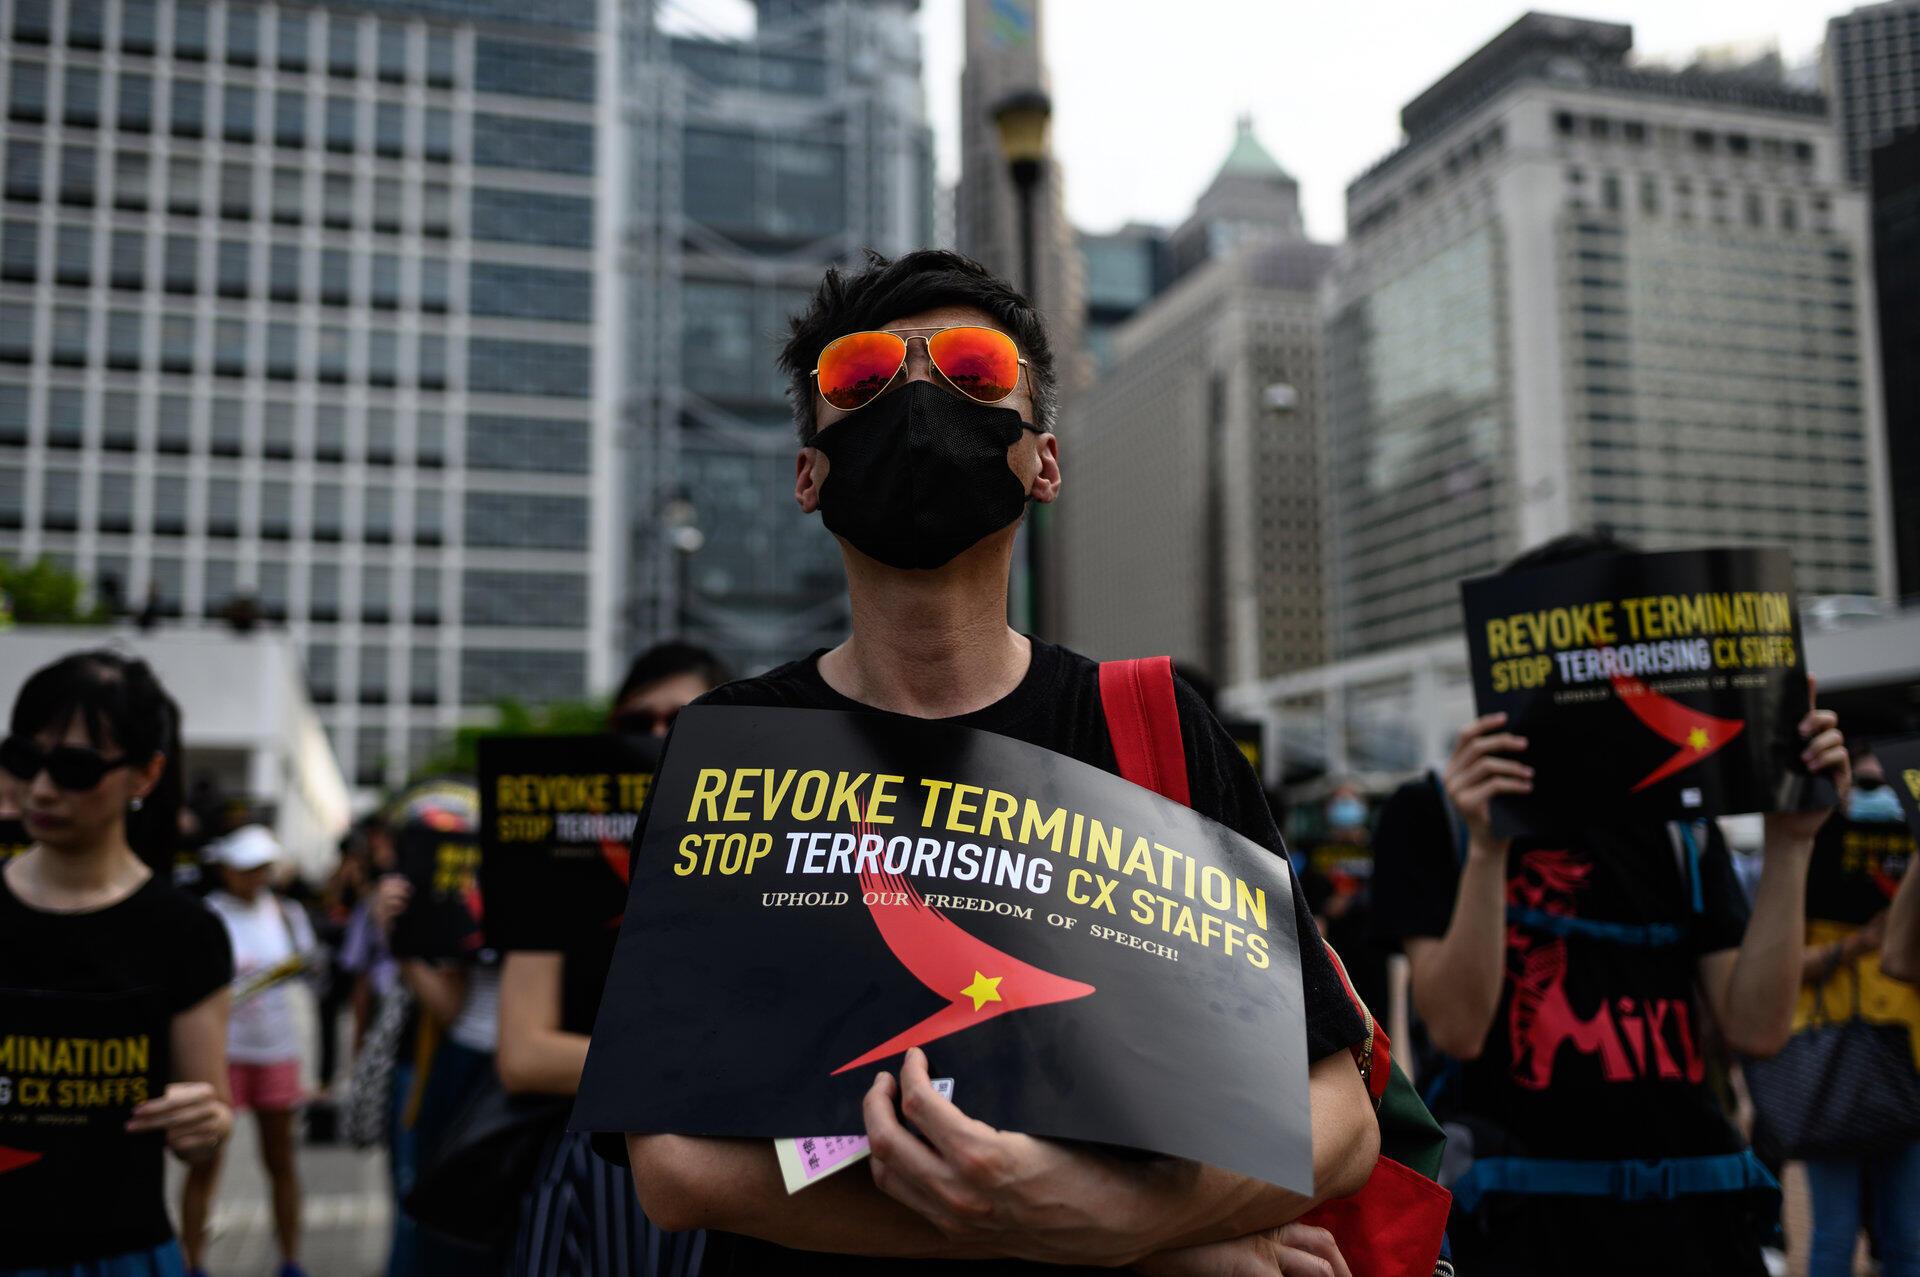 Những người đấu tranh dân chủ Hồng Kông biểu tình ủng hộ các nhân viên của hãng hàng không Cathay Pacific, ngày 28/08/2019.